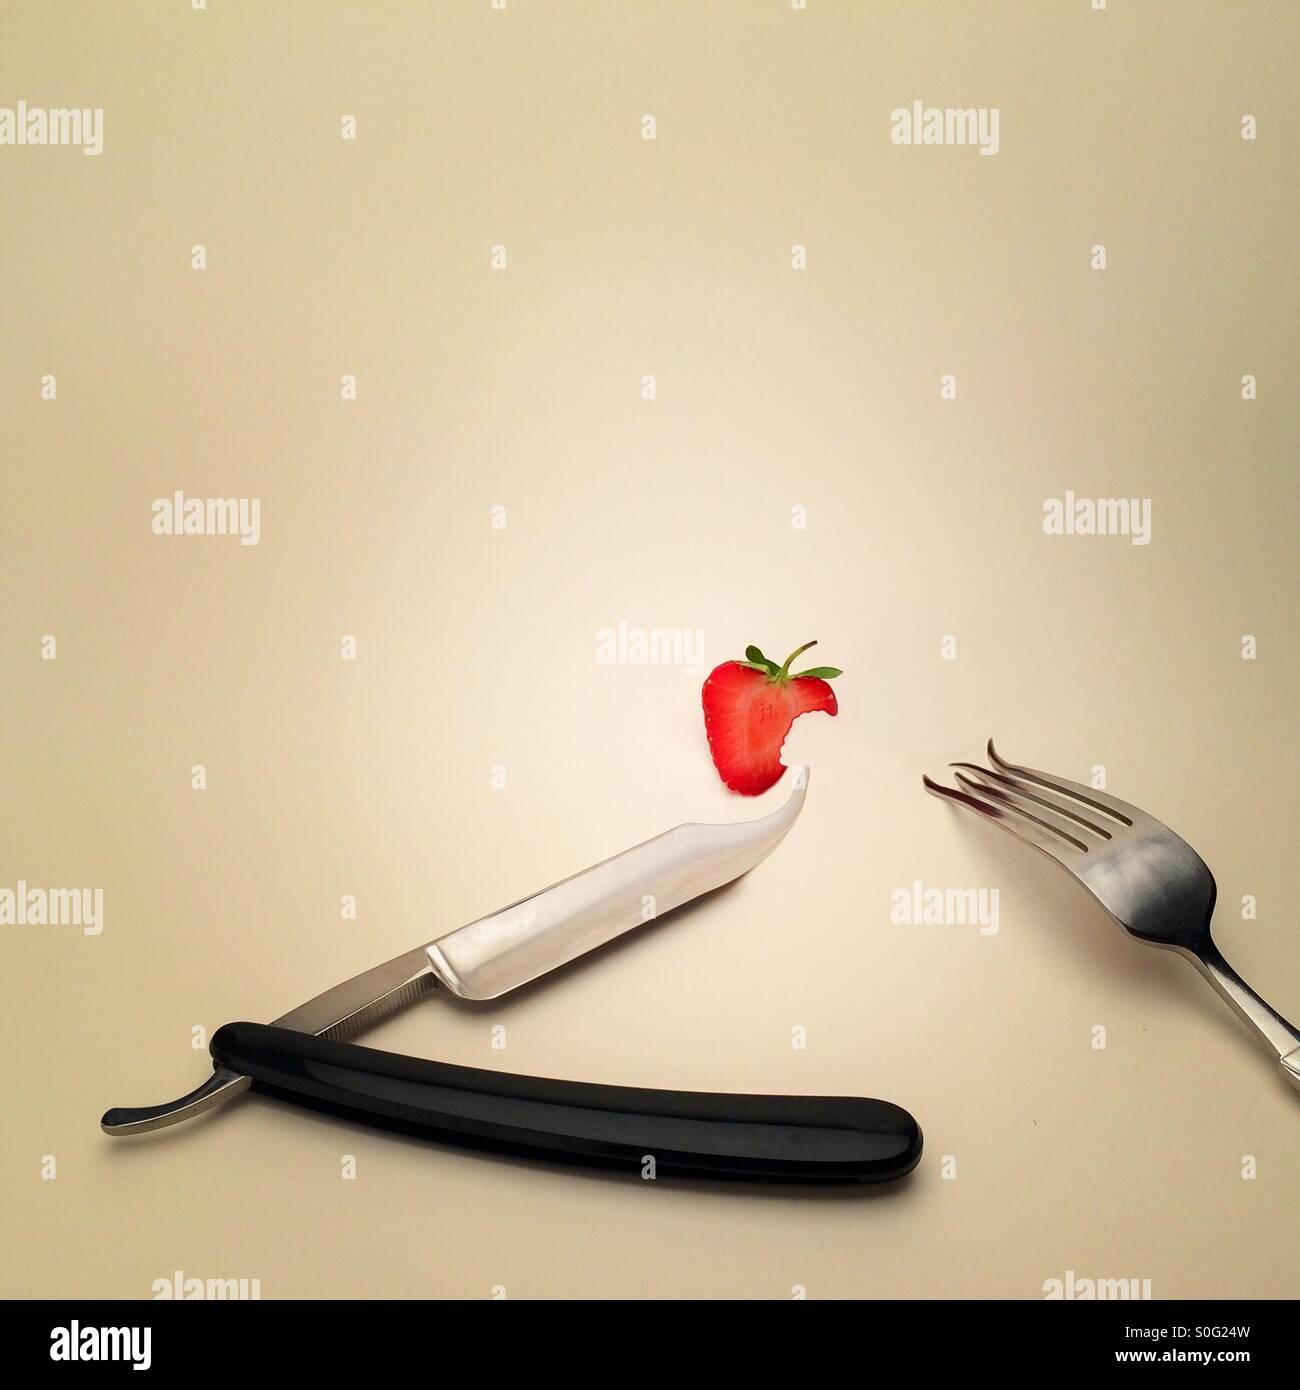 Couteau rasoir coupe la gorge et de la fourche ( fraise image manipulée numériquement) montrant une étrange et surréaliste Banque D'Images